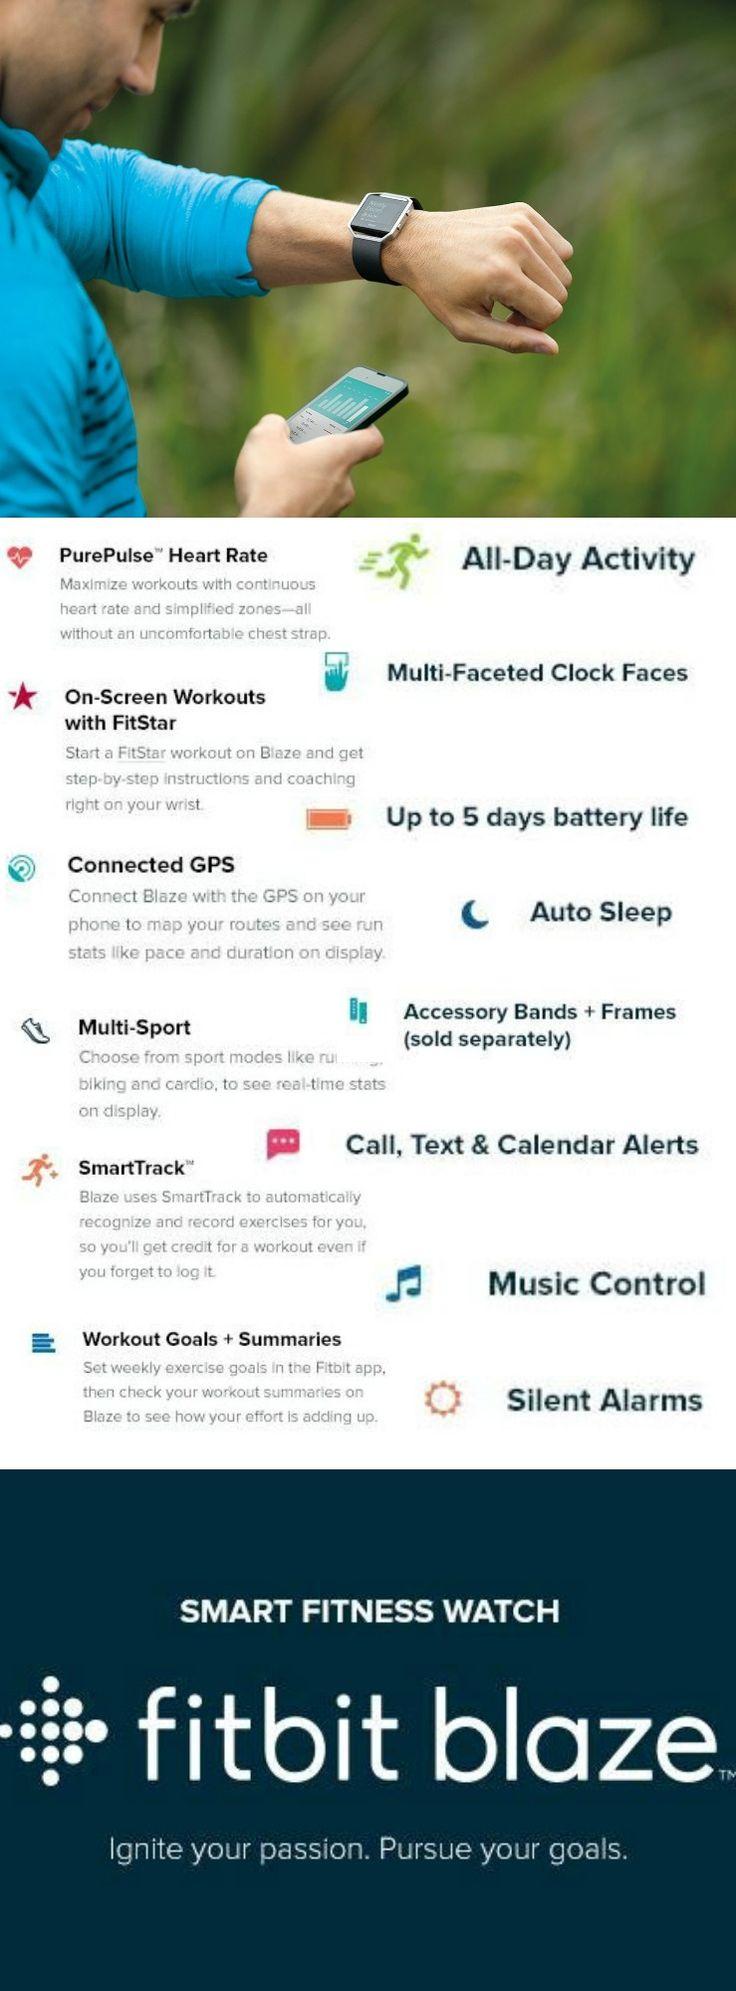 Fitbit Blaze: http://www.developgoodhabits.com/Fitbit-Blaze